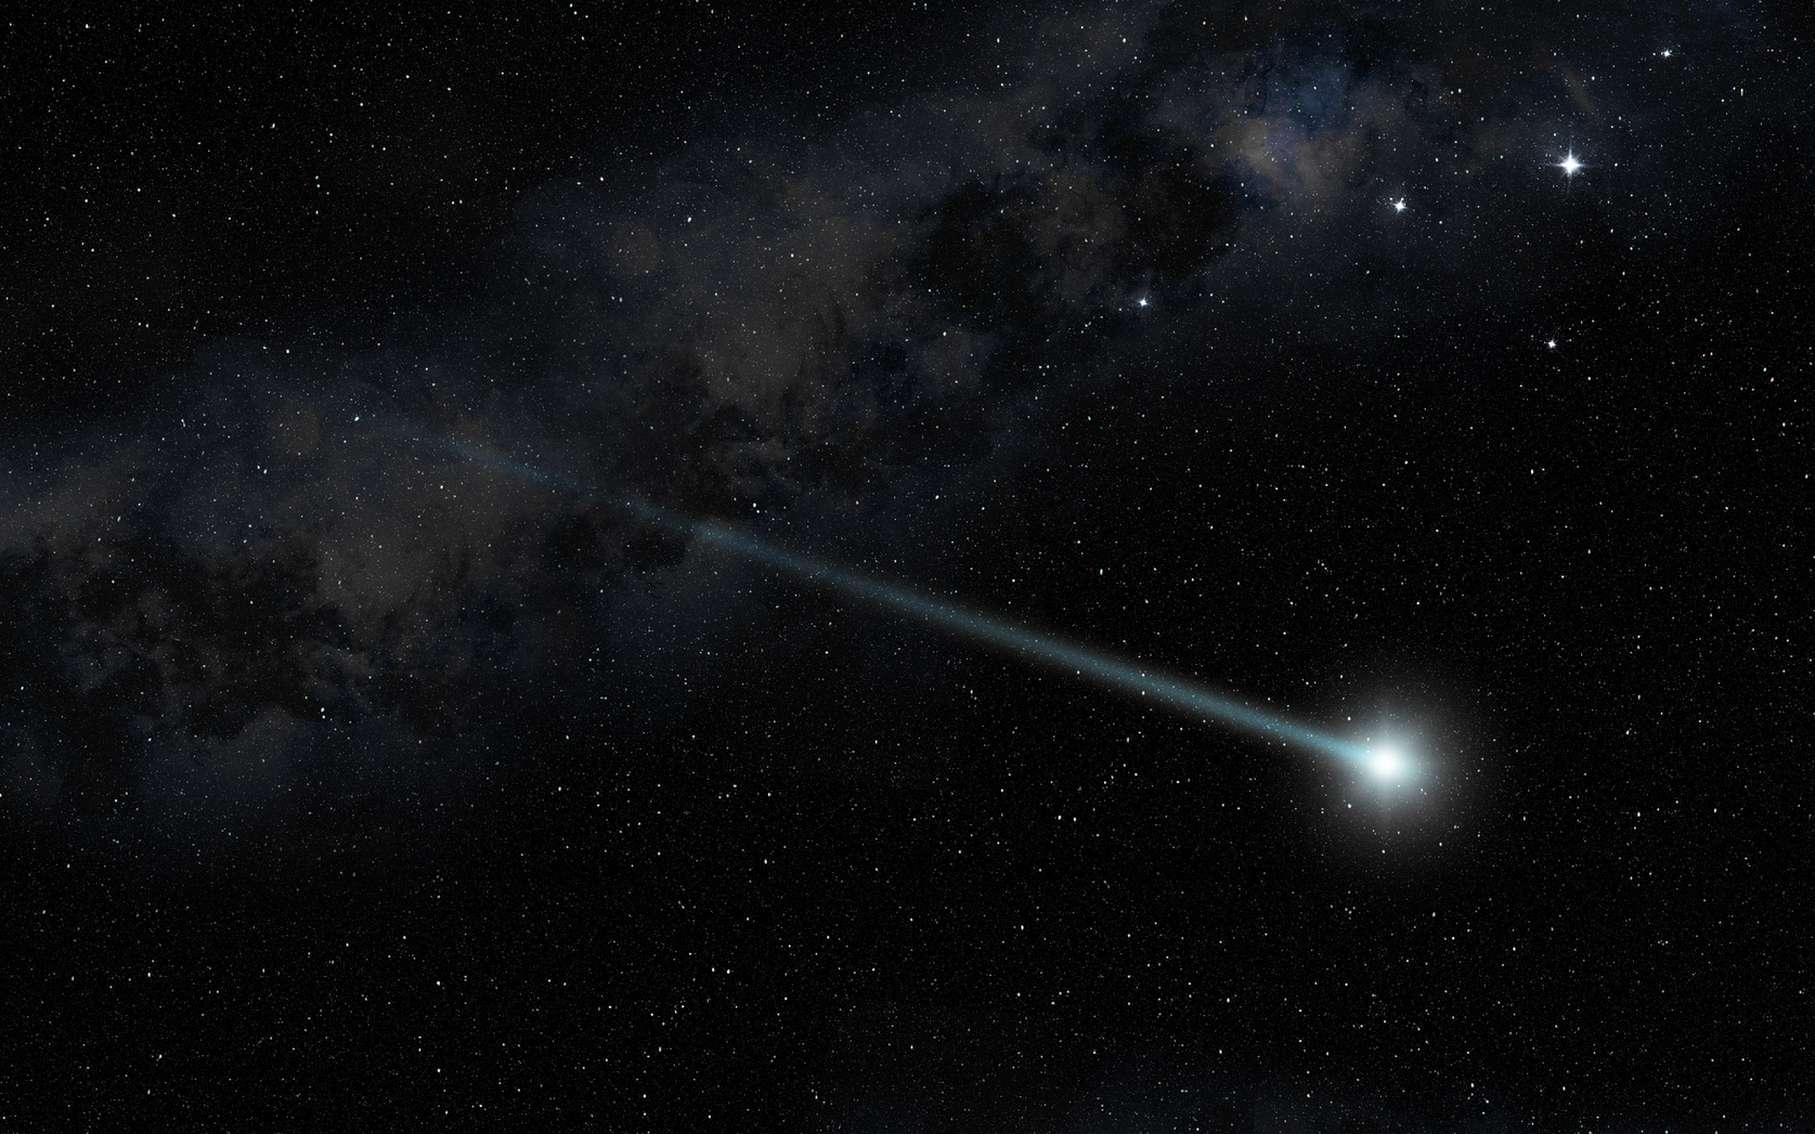 Illustraion d'une comète dans le ciel étoilé. © Paulista, fotoliat